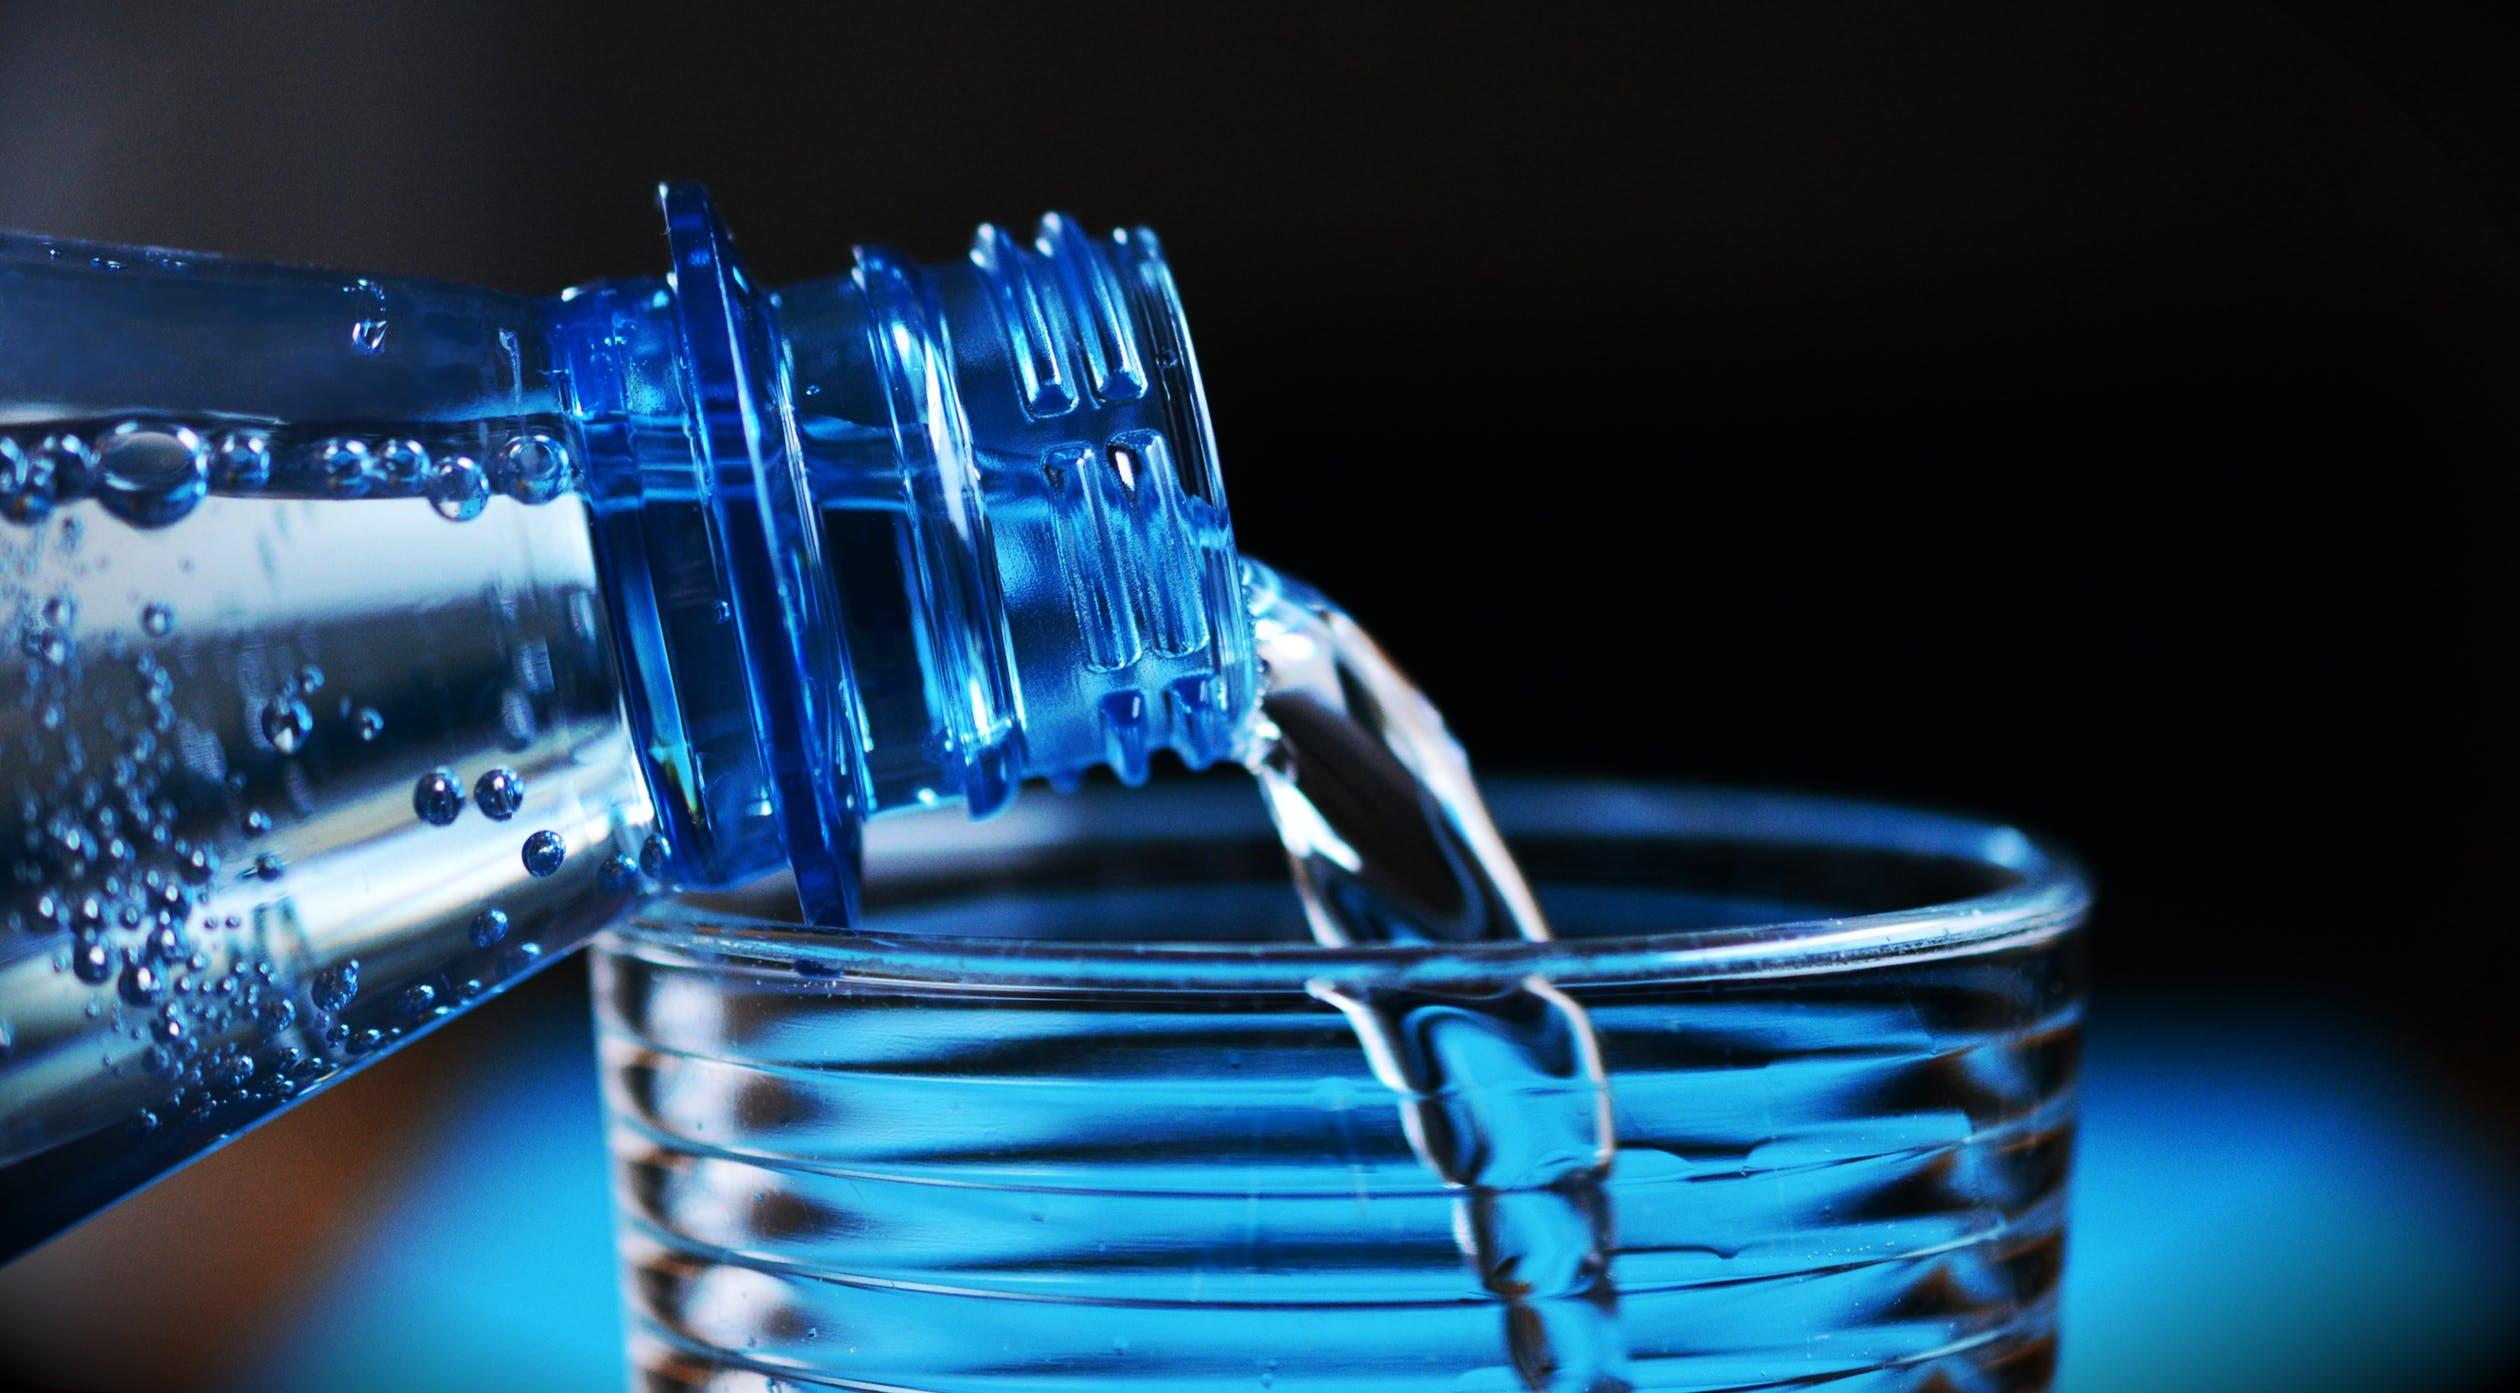 bottled-water-environmental-impact